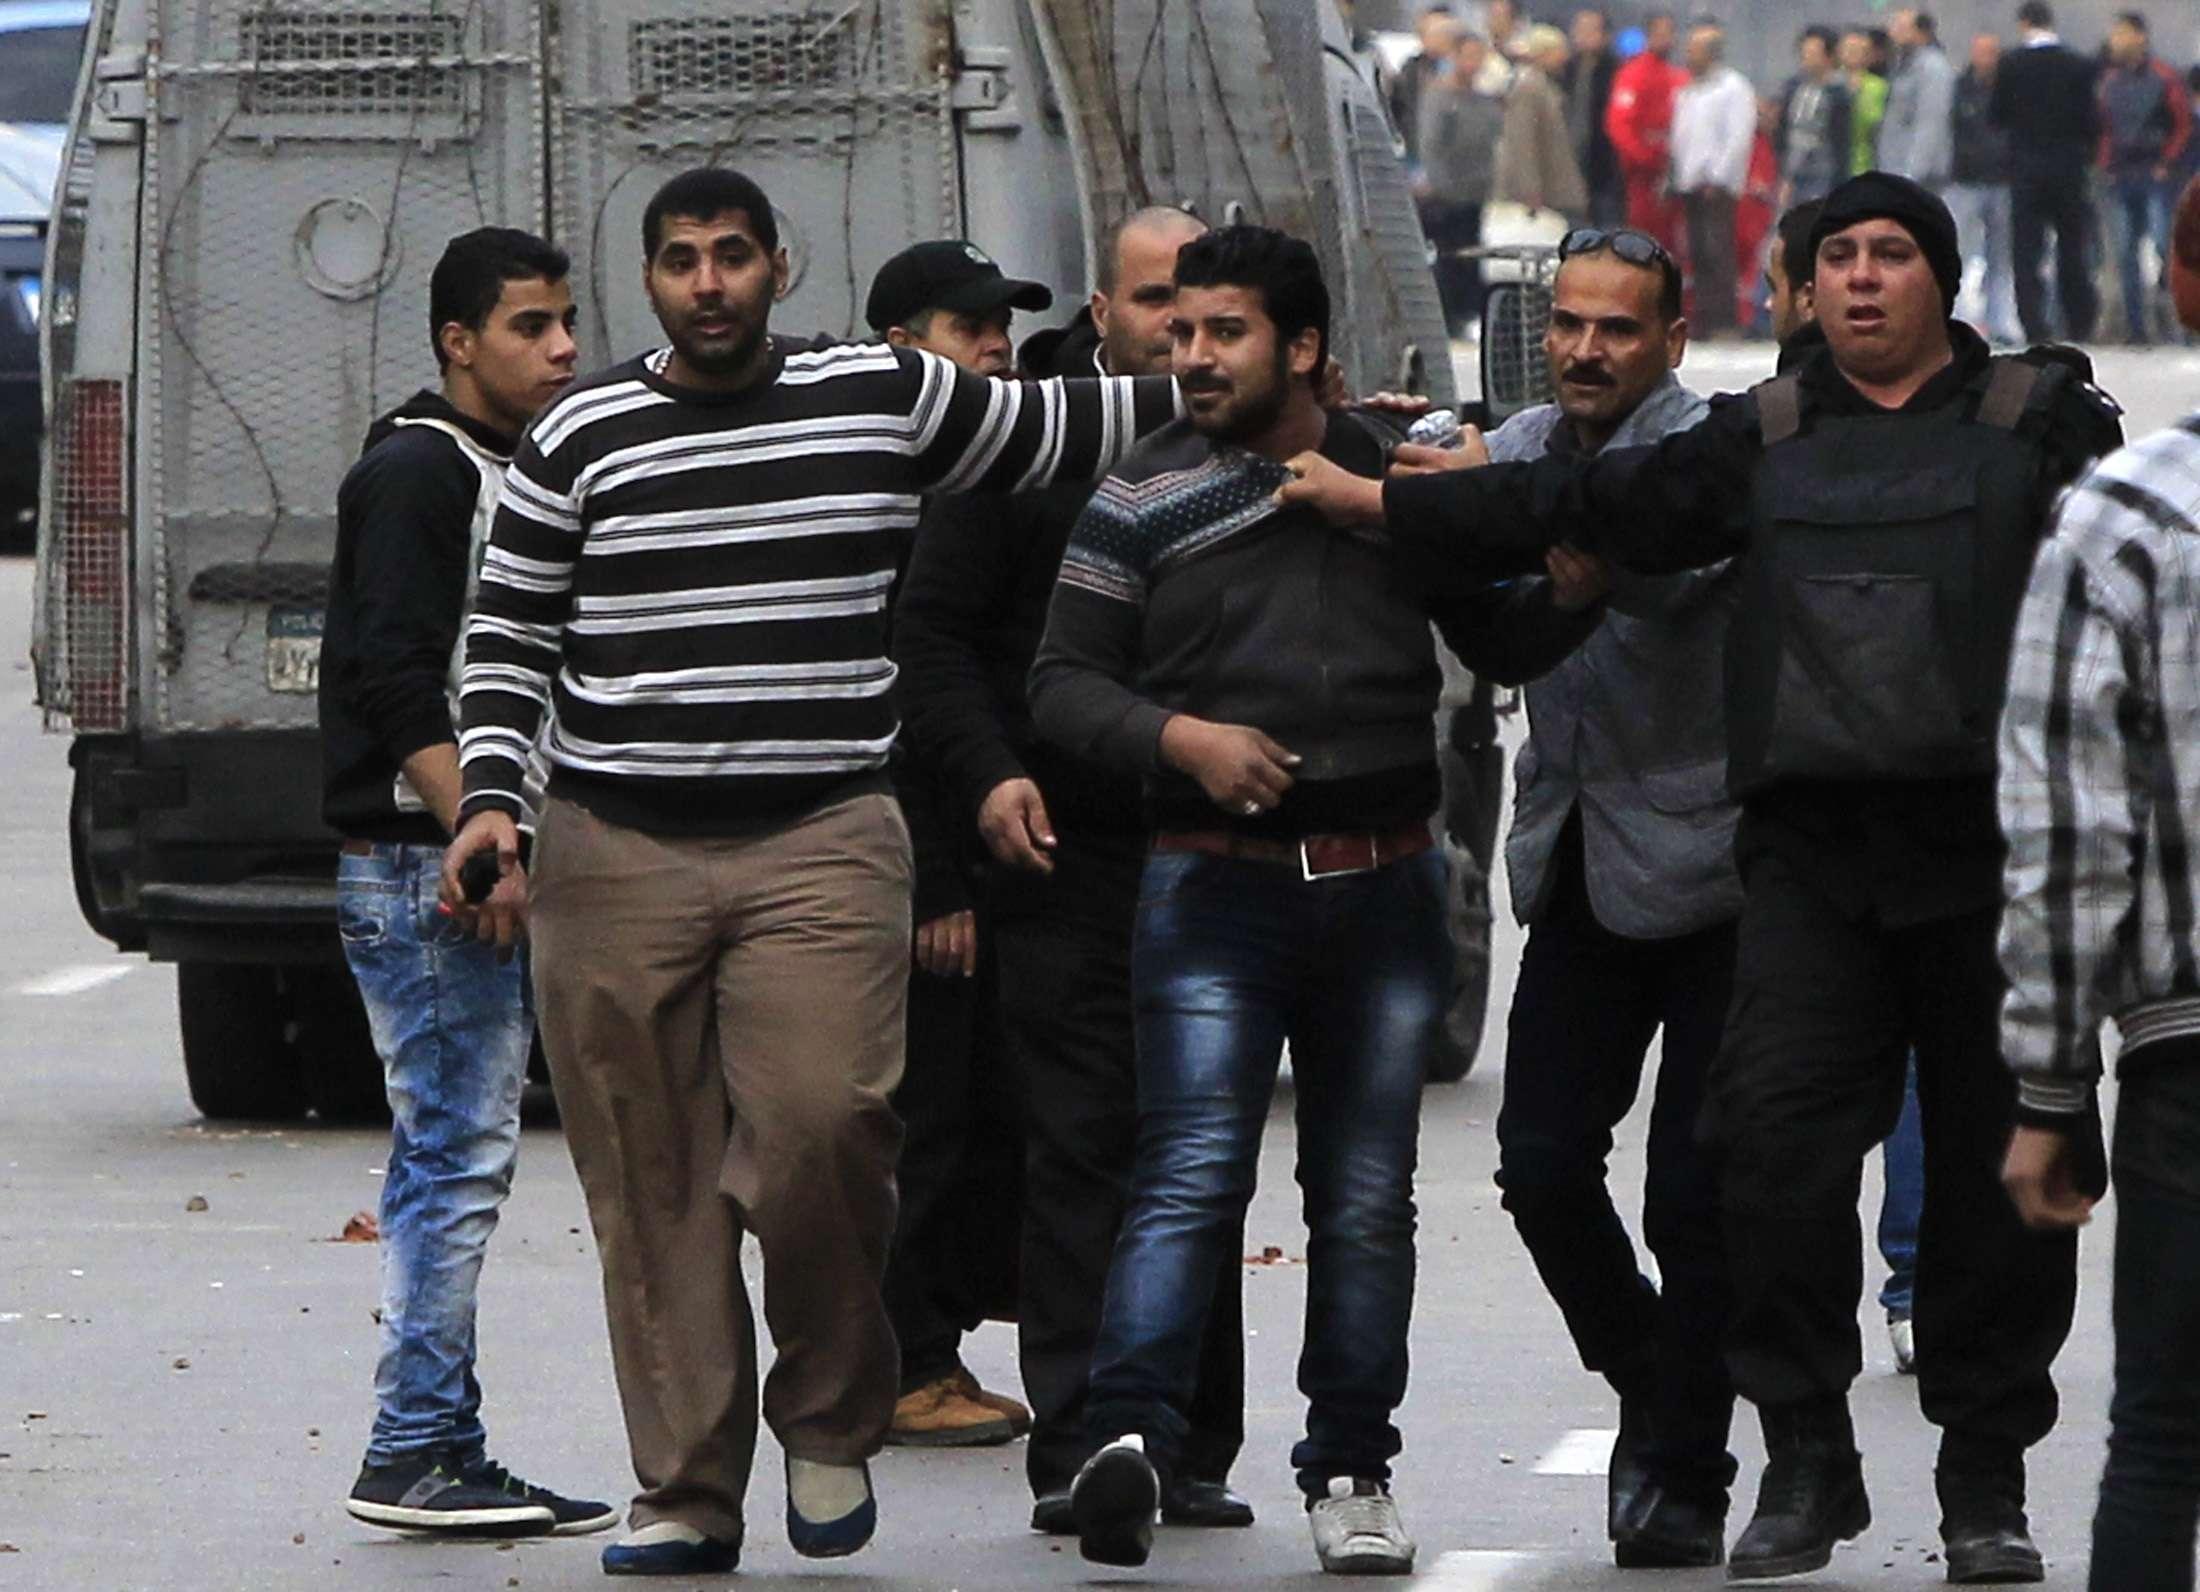 Homem é levado pela polícia durante manifestação realizada no Cairo, em 25 de janeiro Foto: Mohamed Abd El Ghany/Reuters